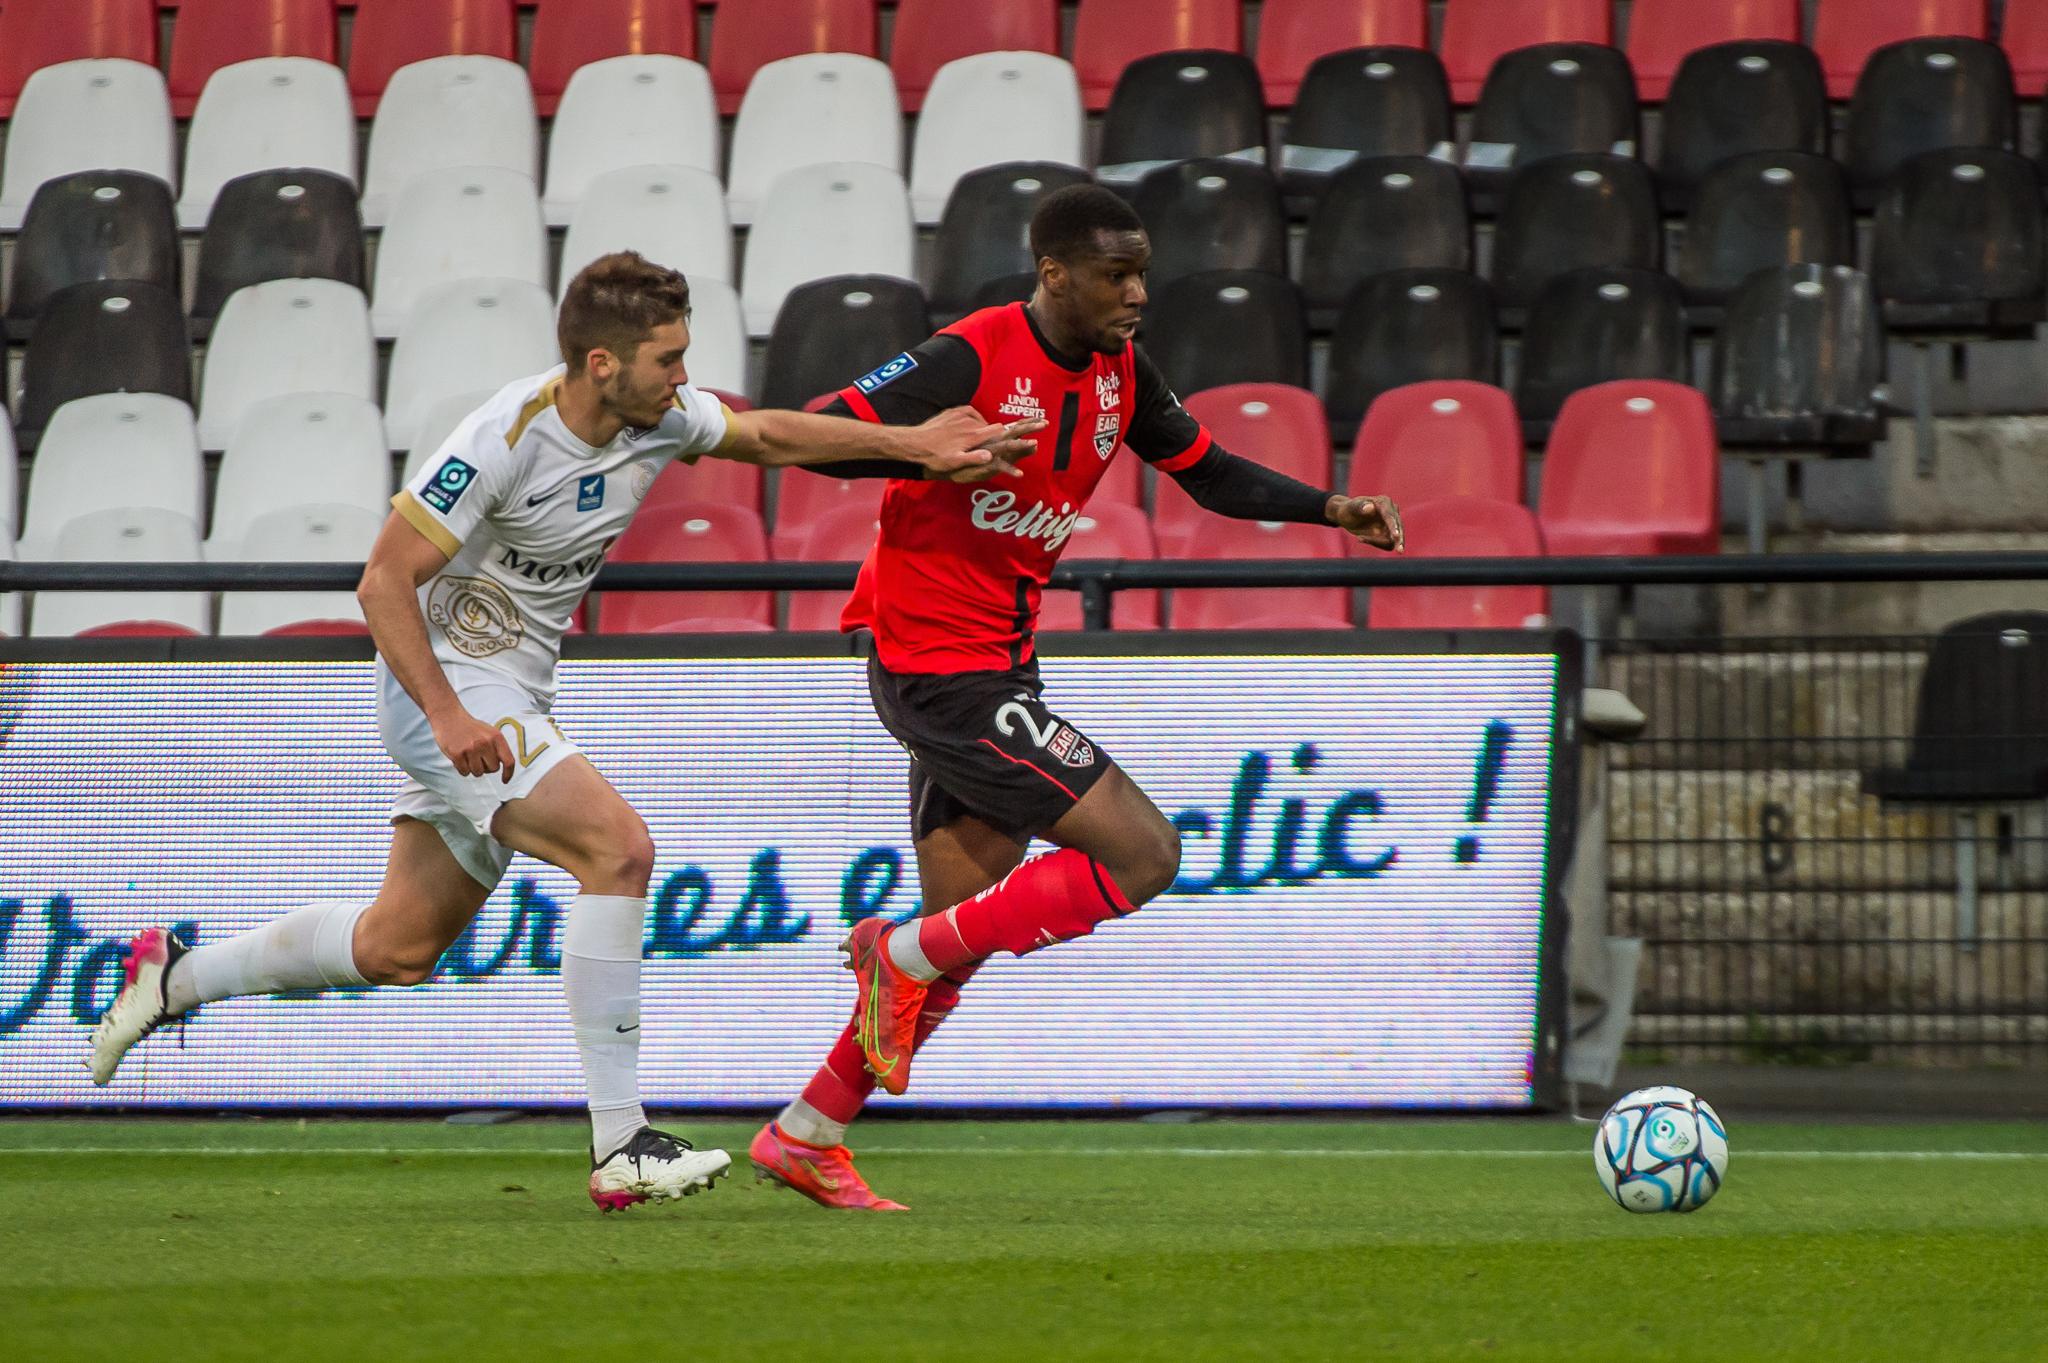 EA Guingamp La Berrichonne Châteauroux J37 Ligue 2 BKT EAGLBC 2-0 Stade de Roudourou FRA_5568